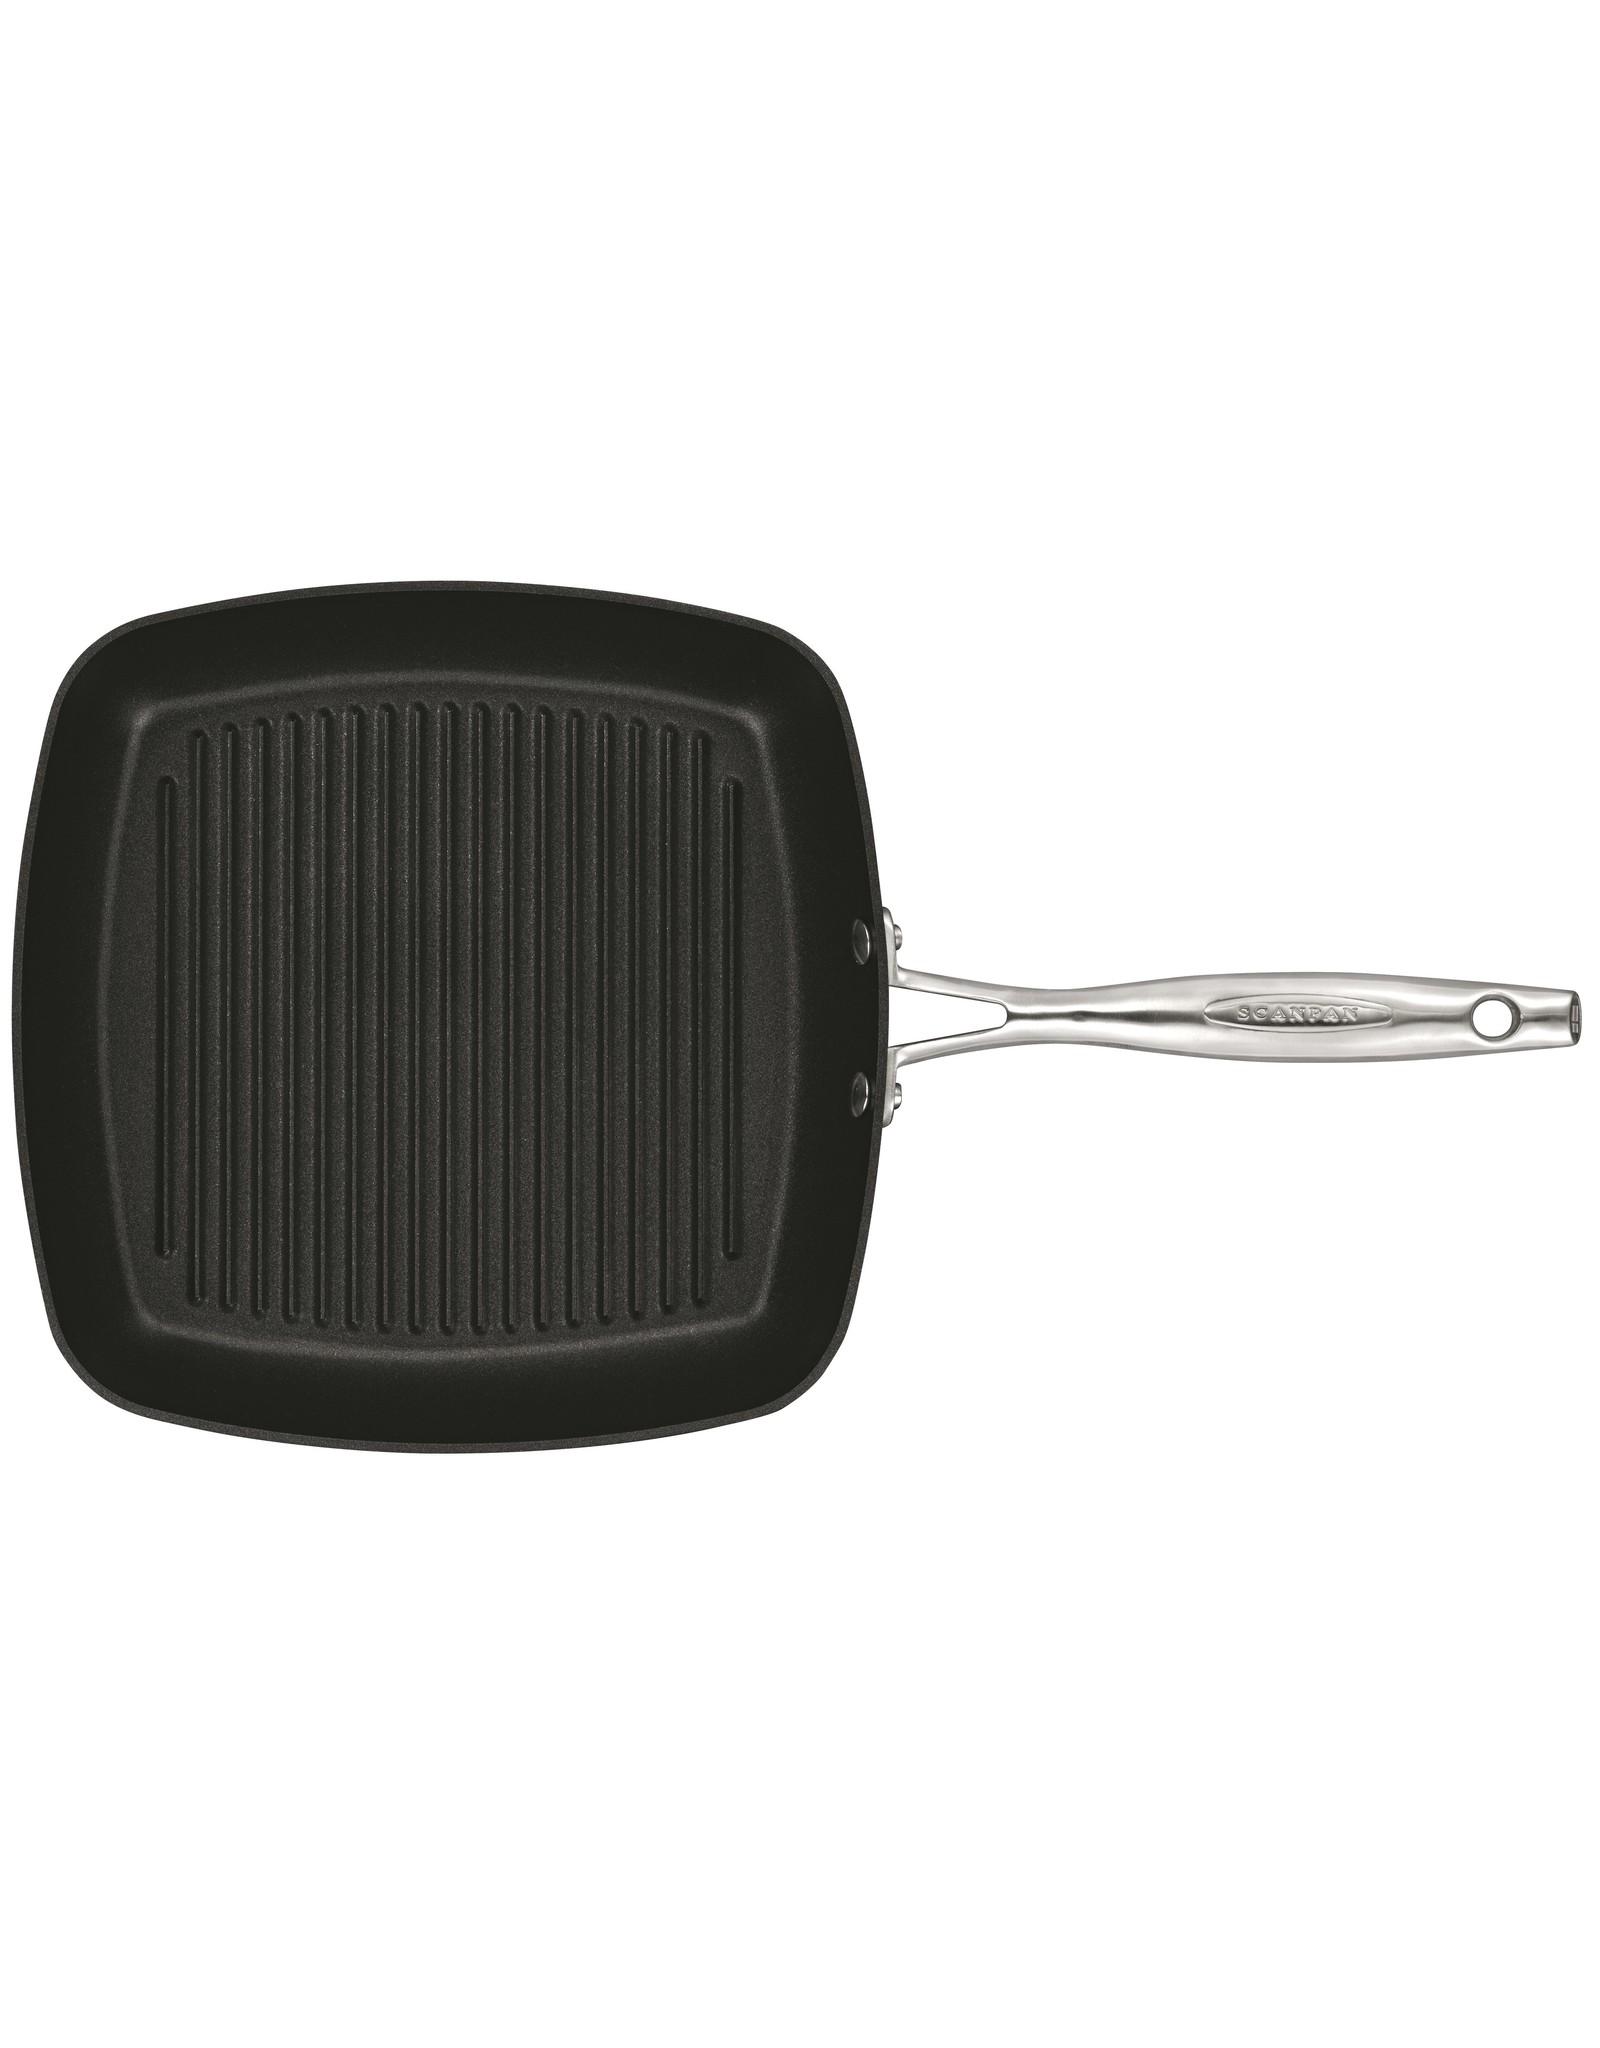 Scanpan Scanpan. Pro IQ. 27 x 27 cm. Grillpan